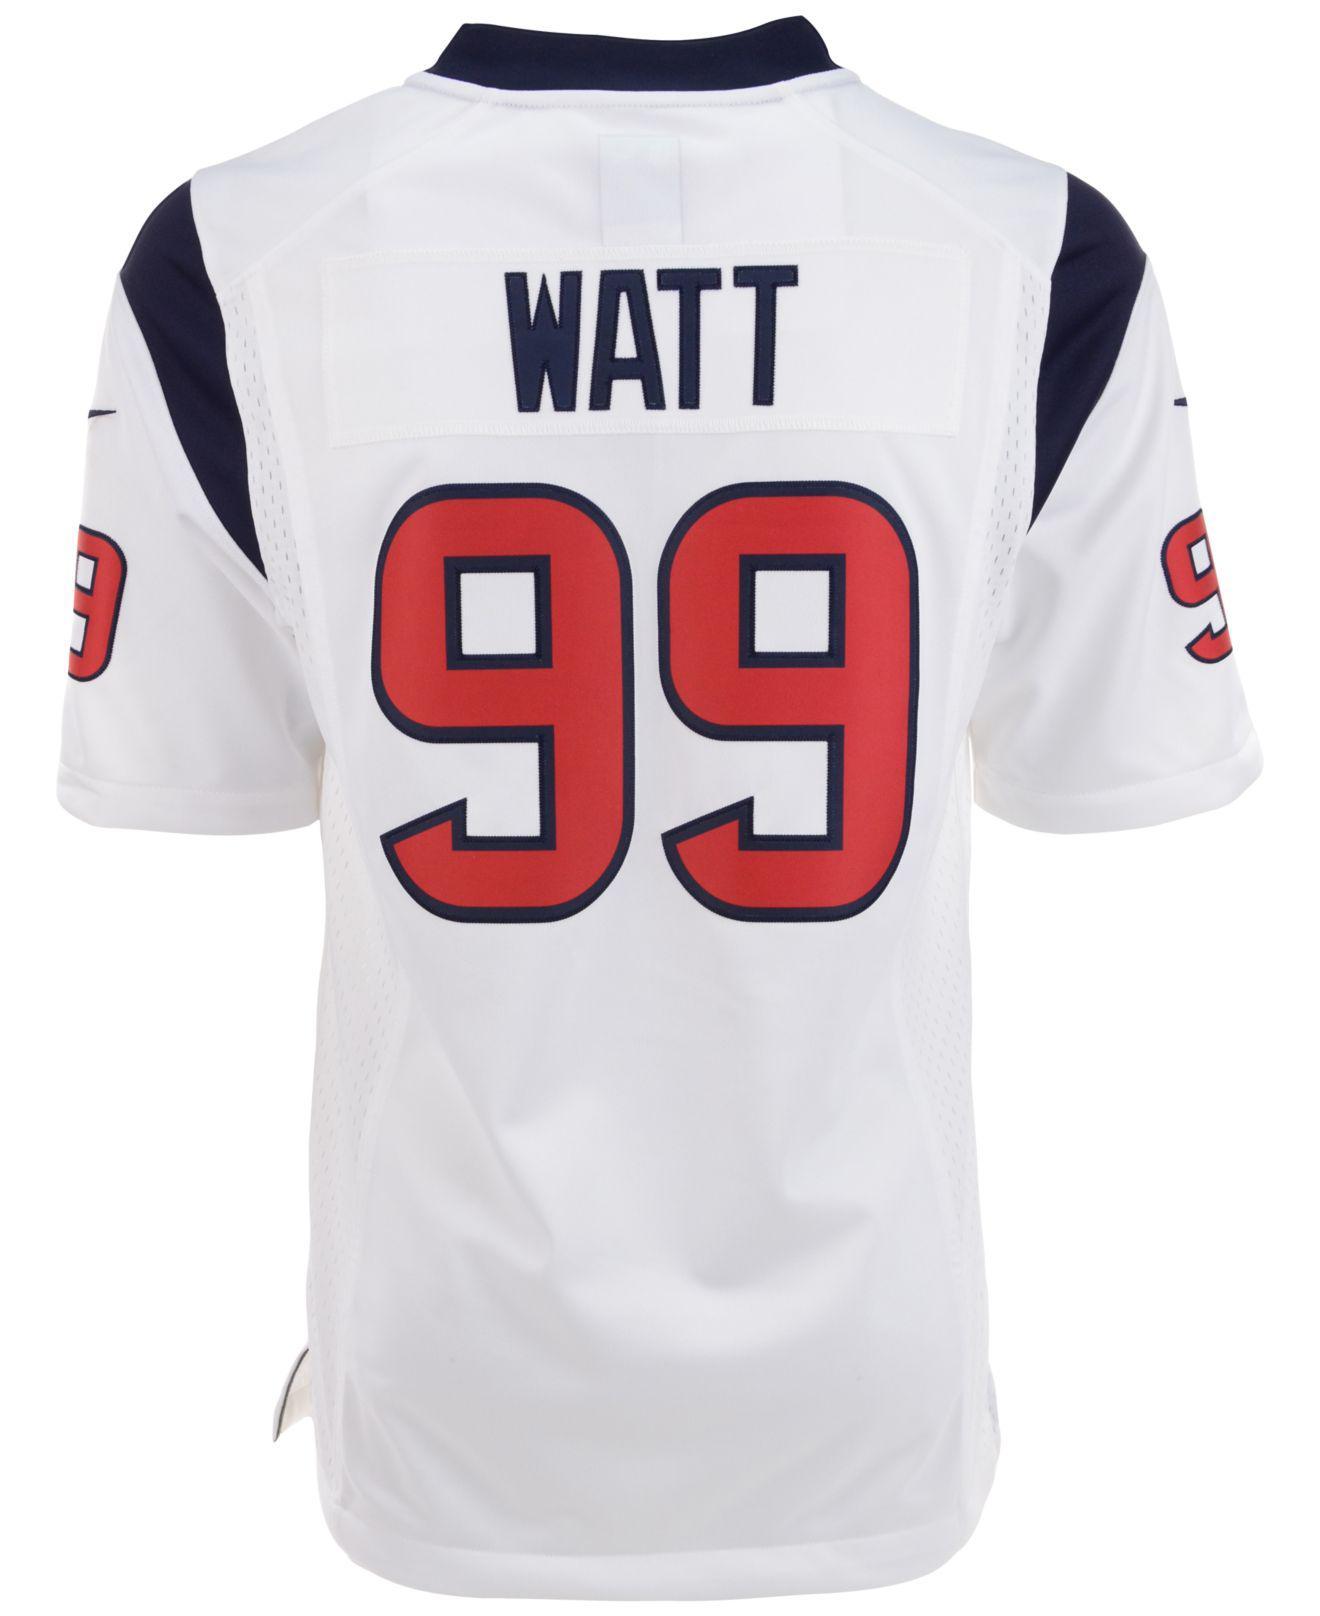 the best attitude aec05 cd635 50% off jj watt jersey men 31023 a1fe4